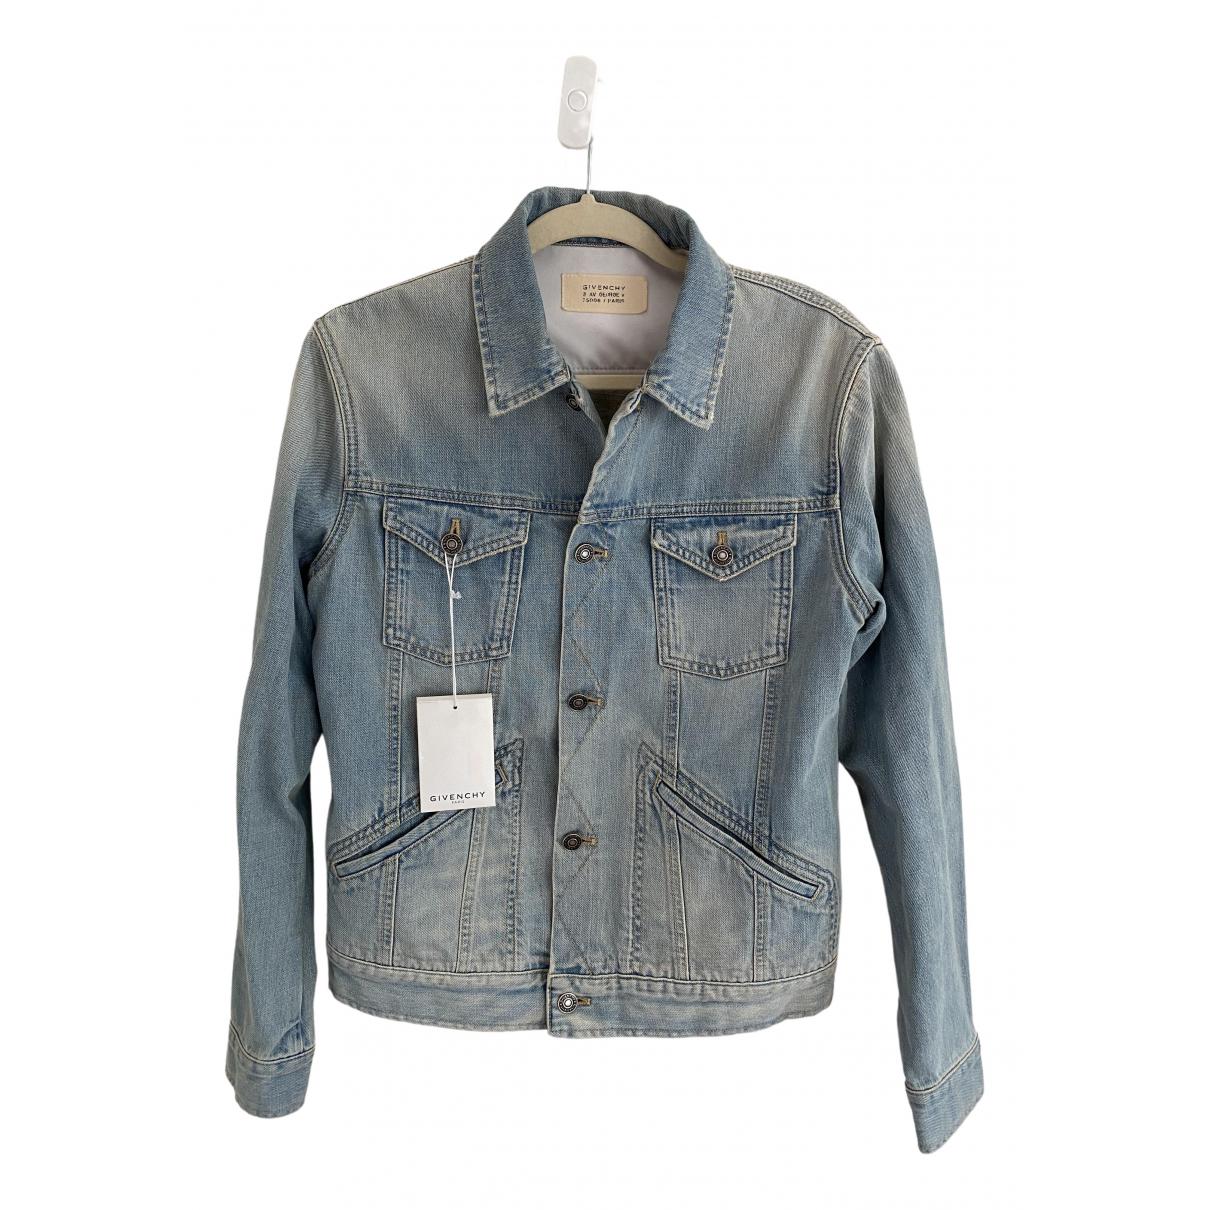 Givenchy \N Blue Denim - Jeans jacket  for Men S International